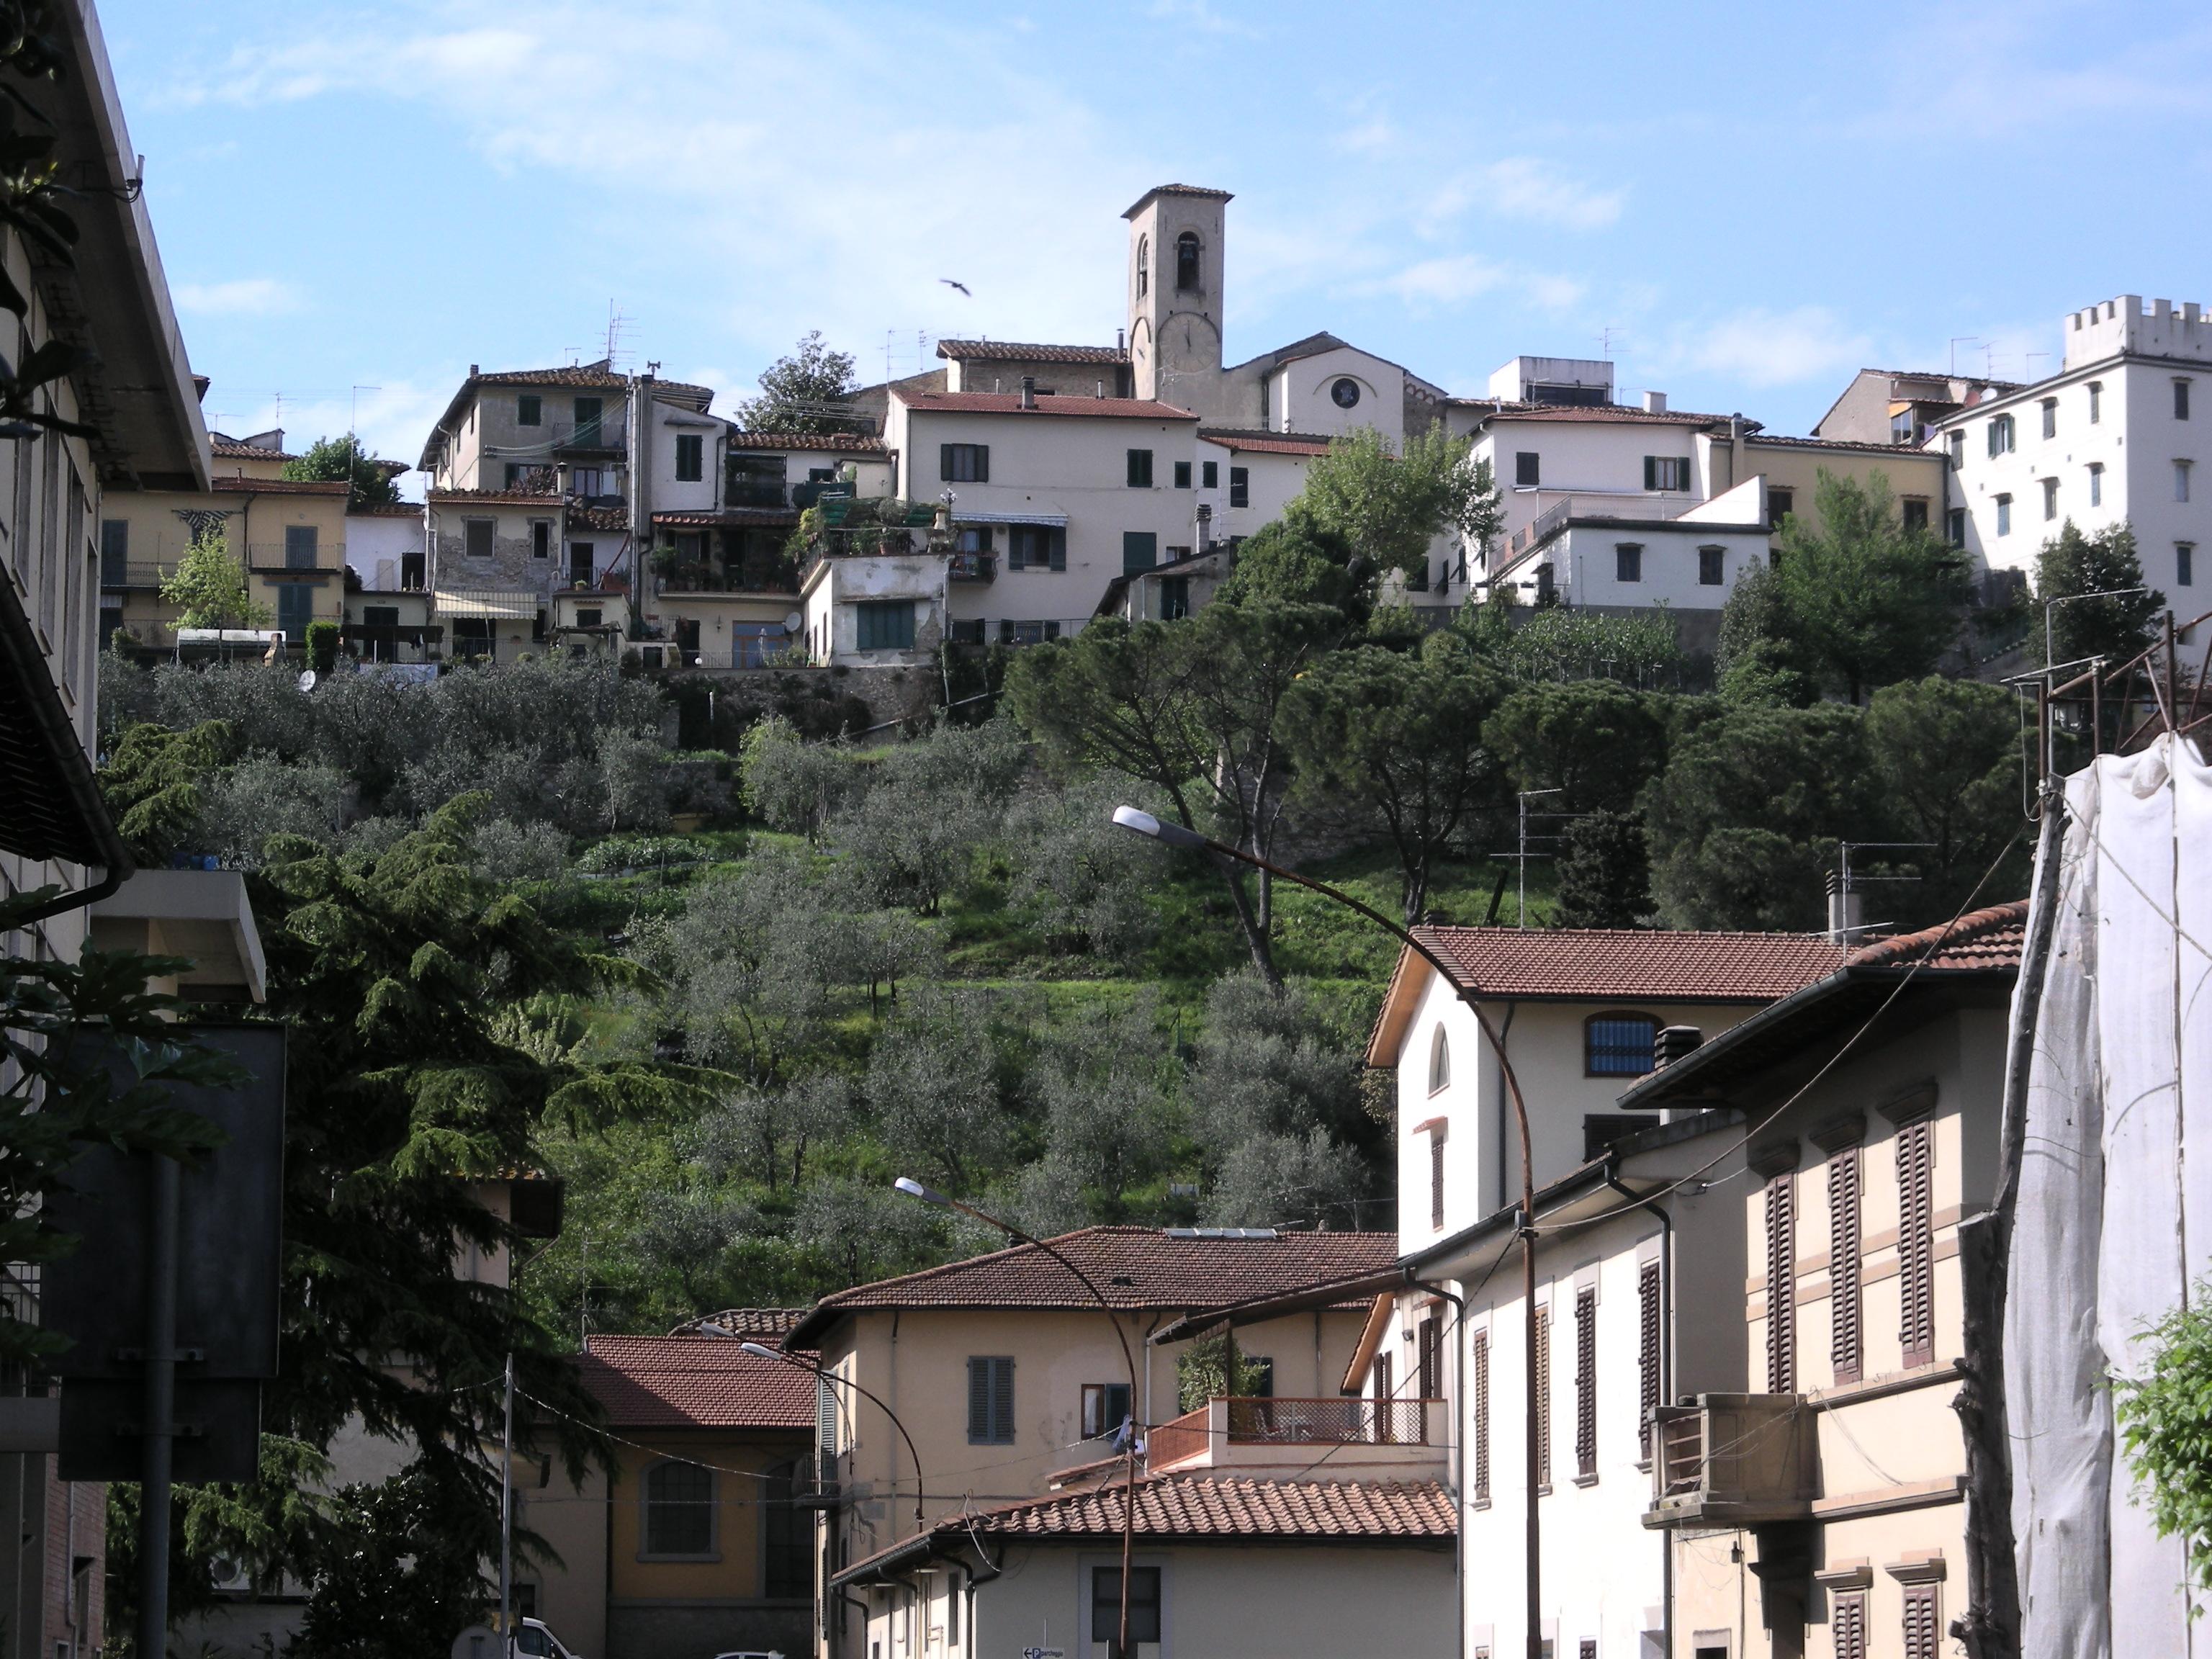 Signa Italy  city photo : Signa castello01 Wikipedia, the free encyclopedia